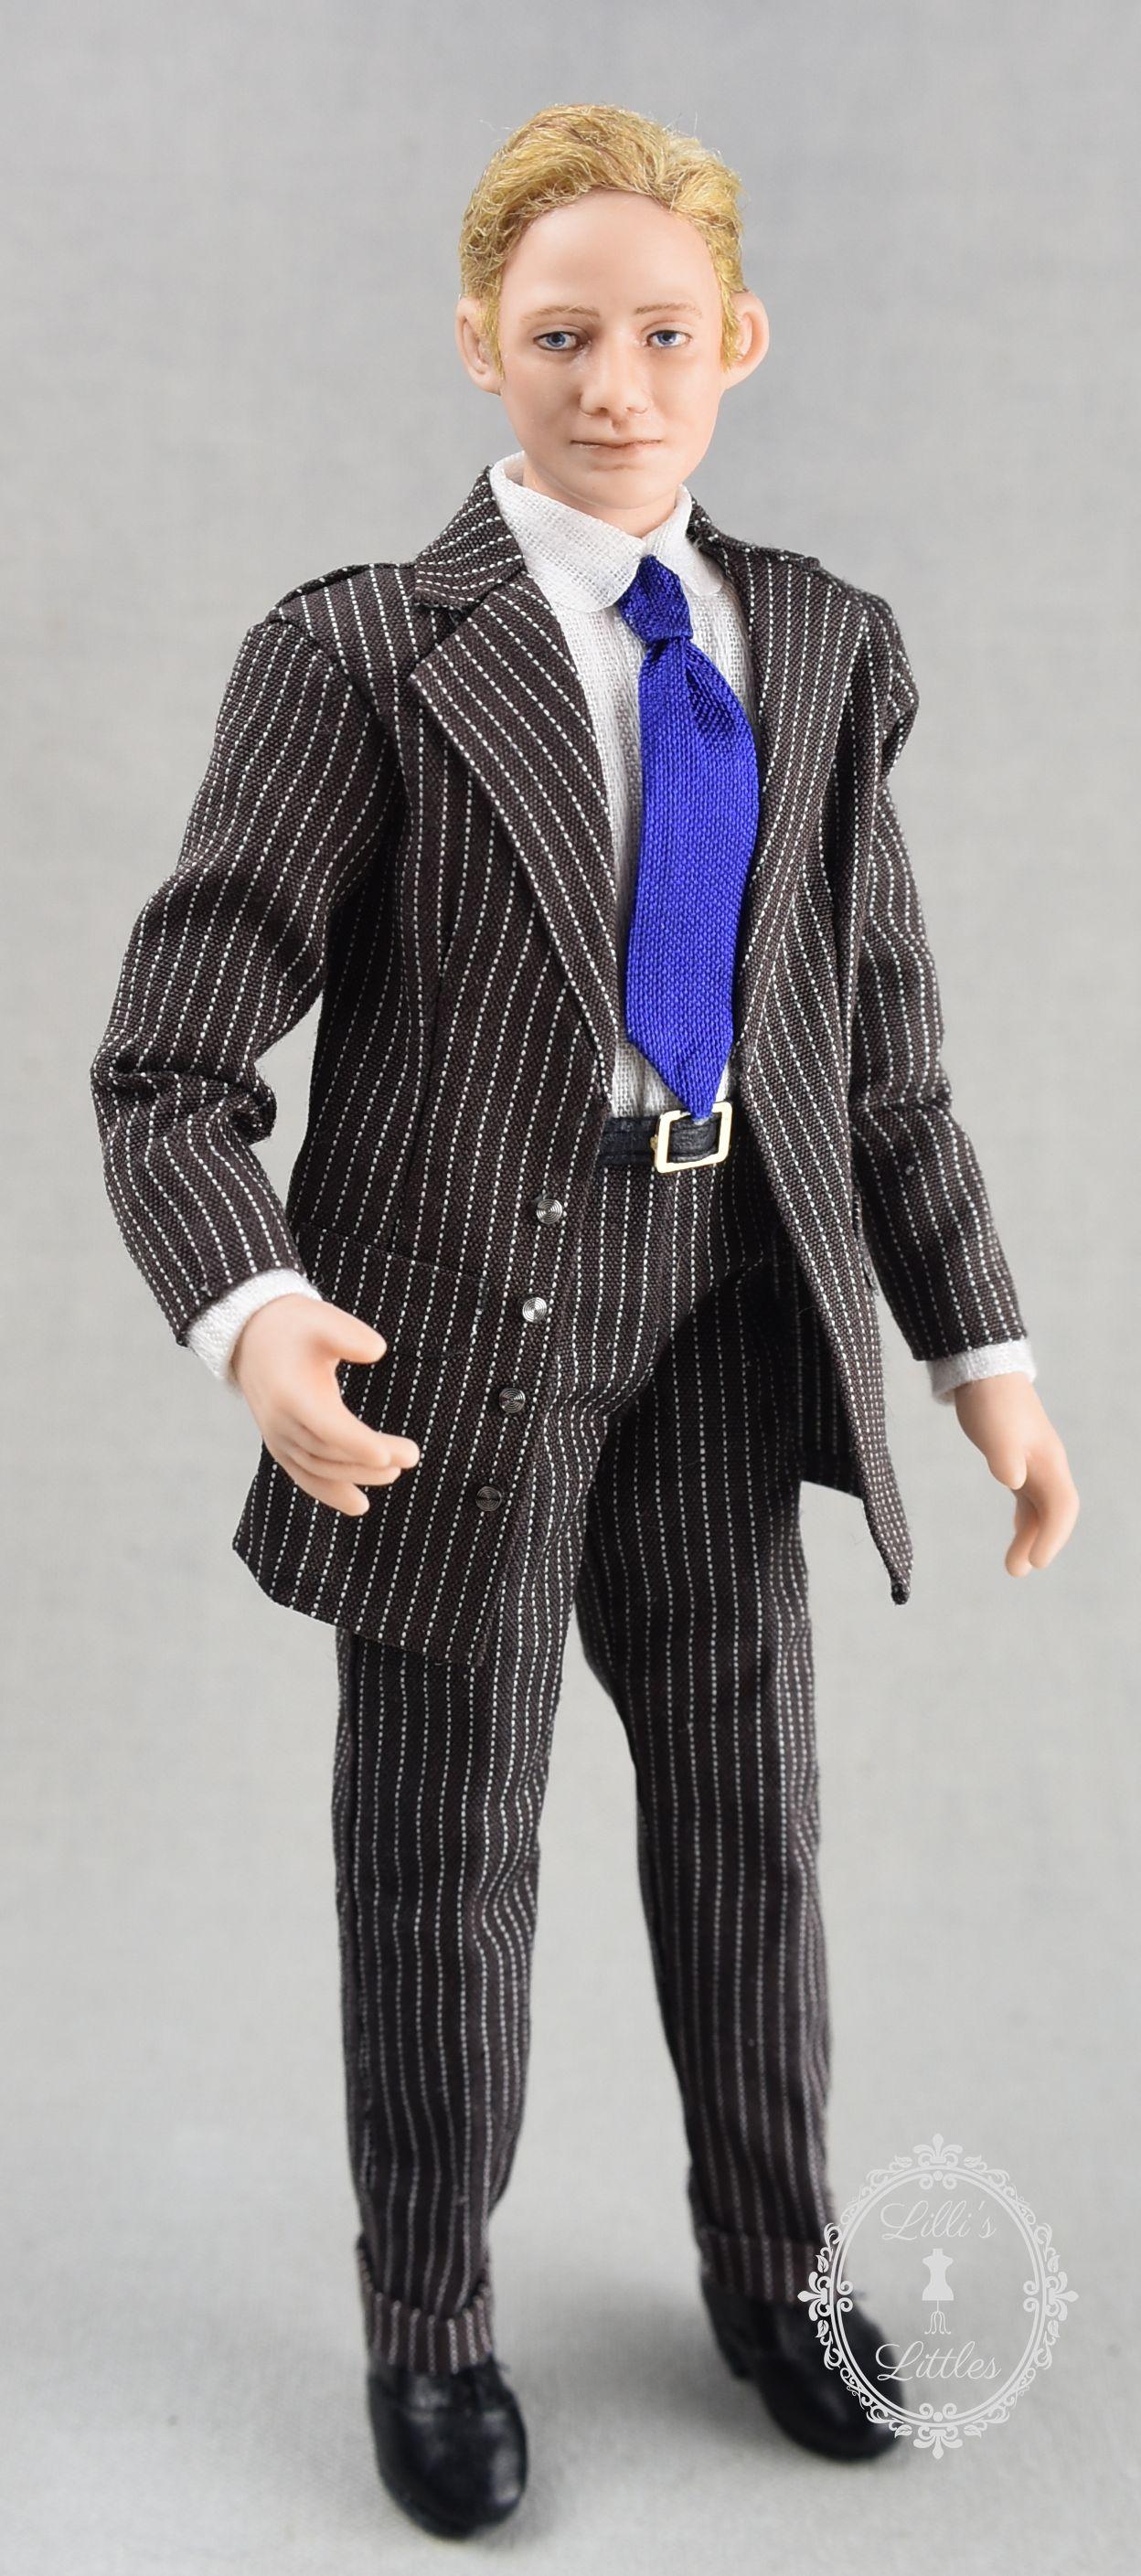 Figurine Poupée Mannequin Miniature Décoration pour 1:12 Dollhouse